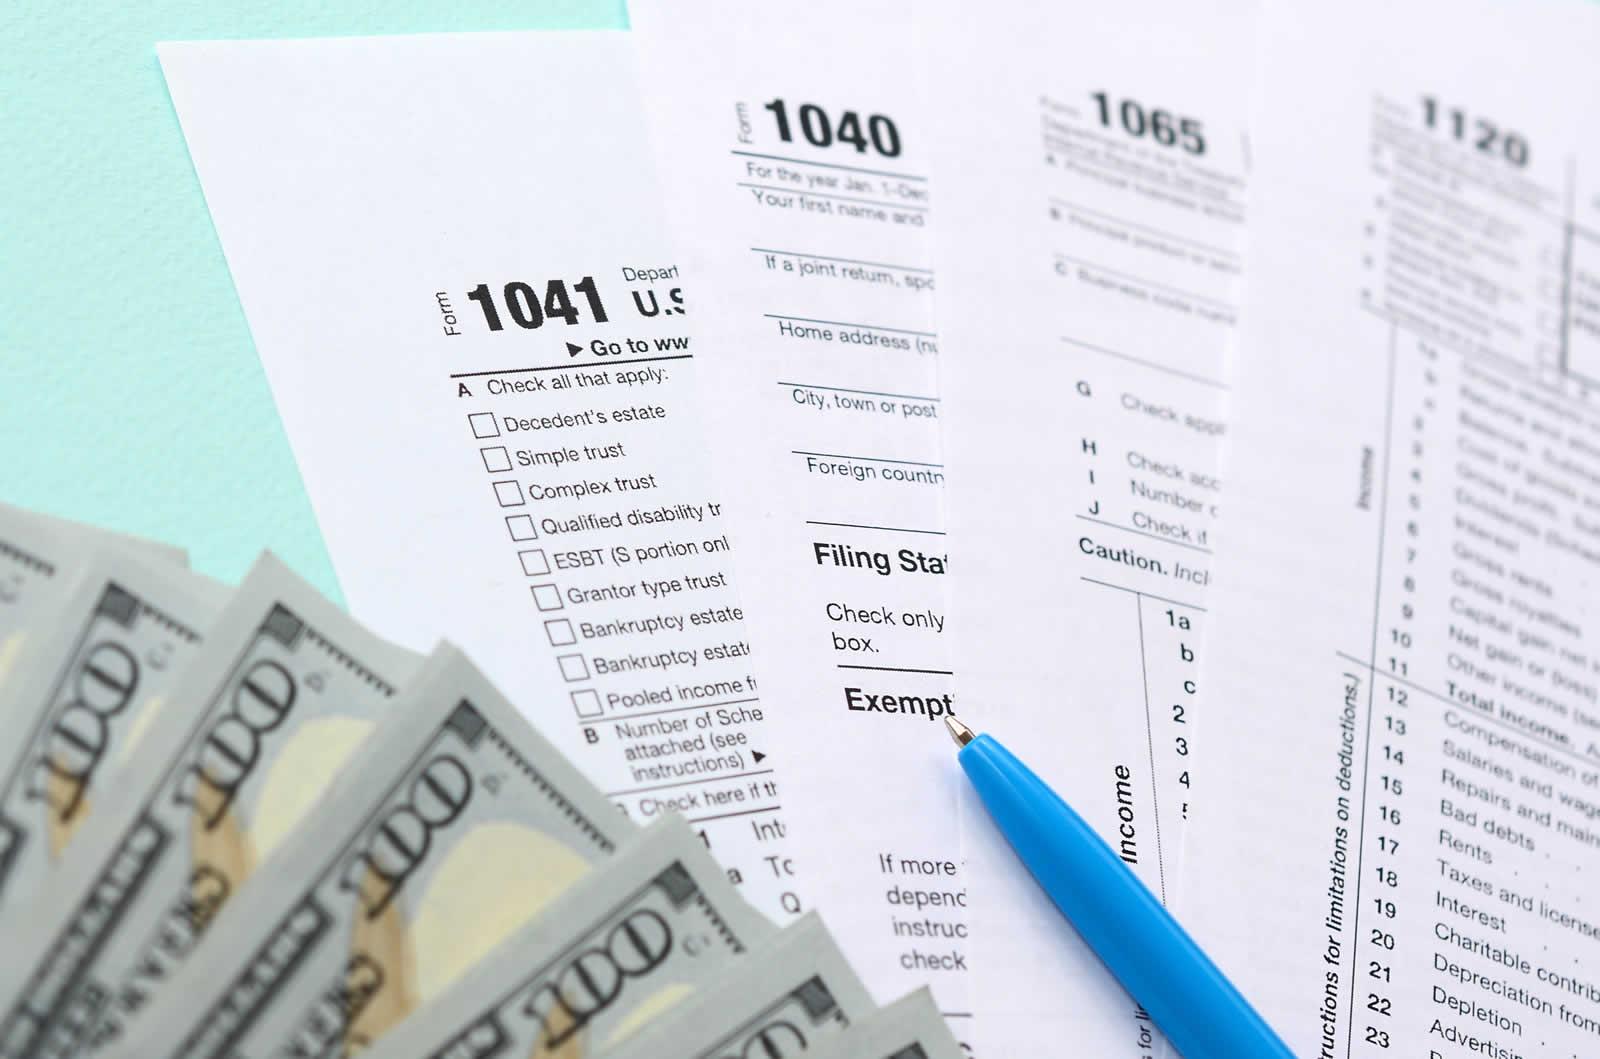 Le jargon des formulaires fiscaux en Floride